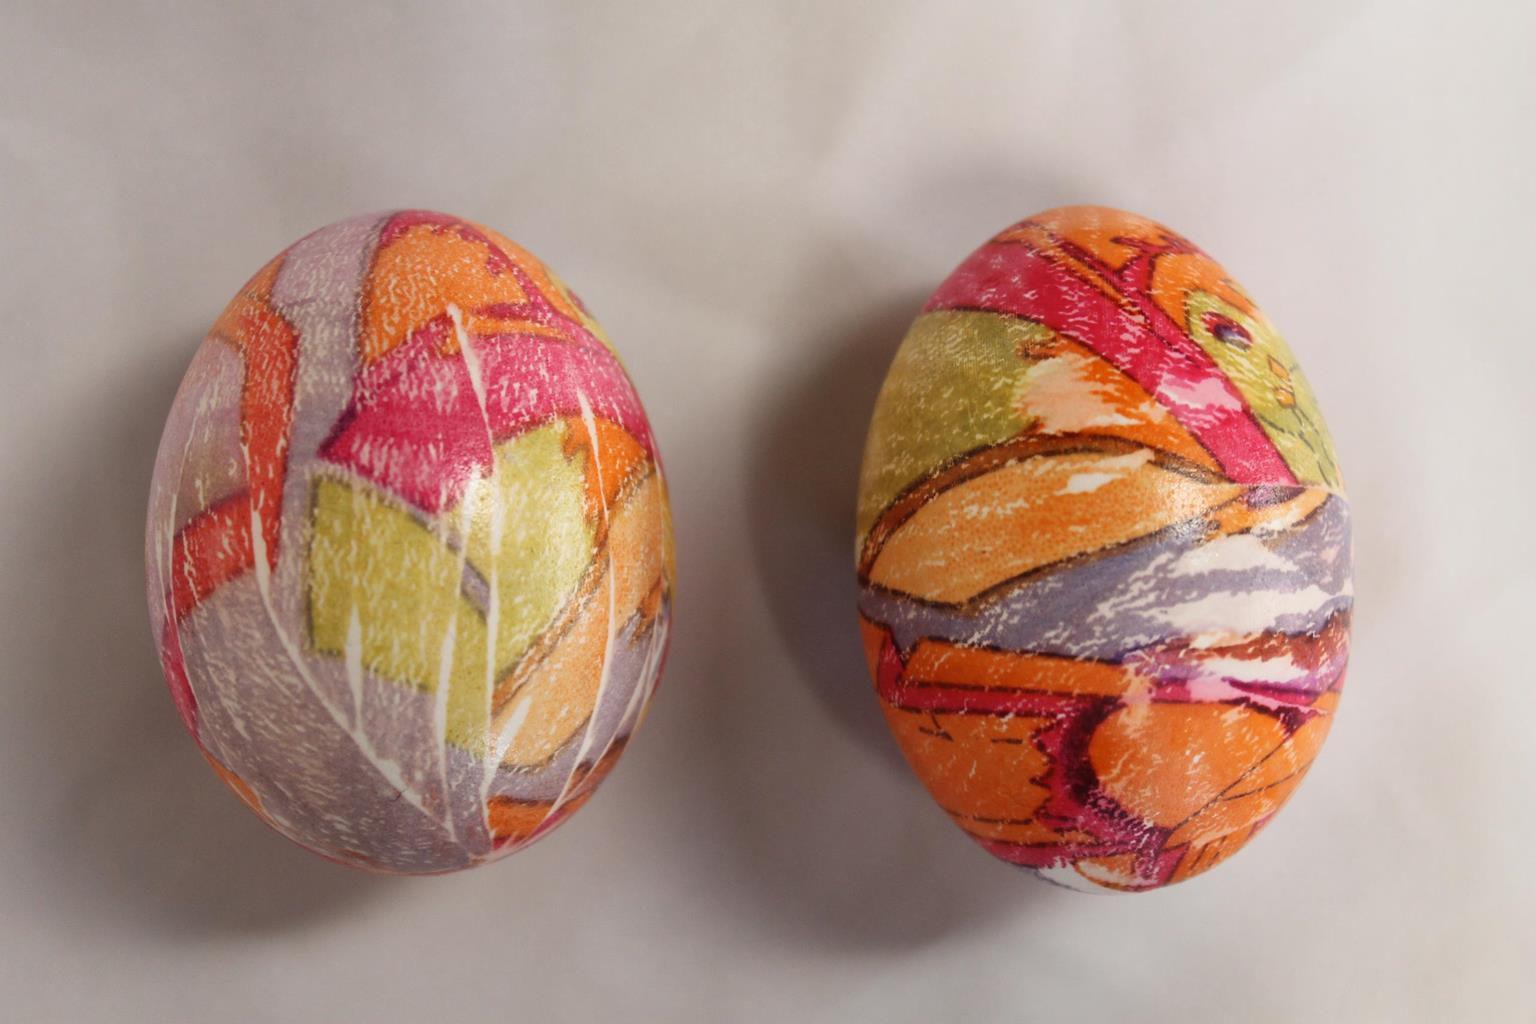 silk-eggs-prep18